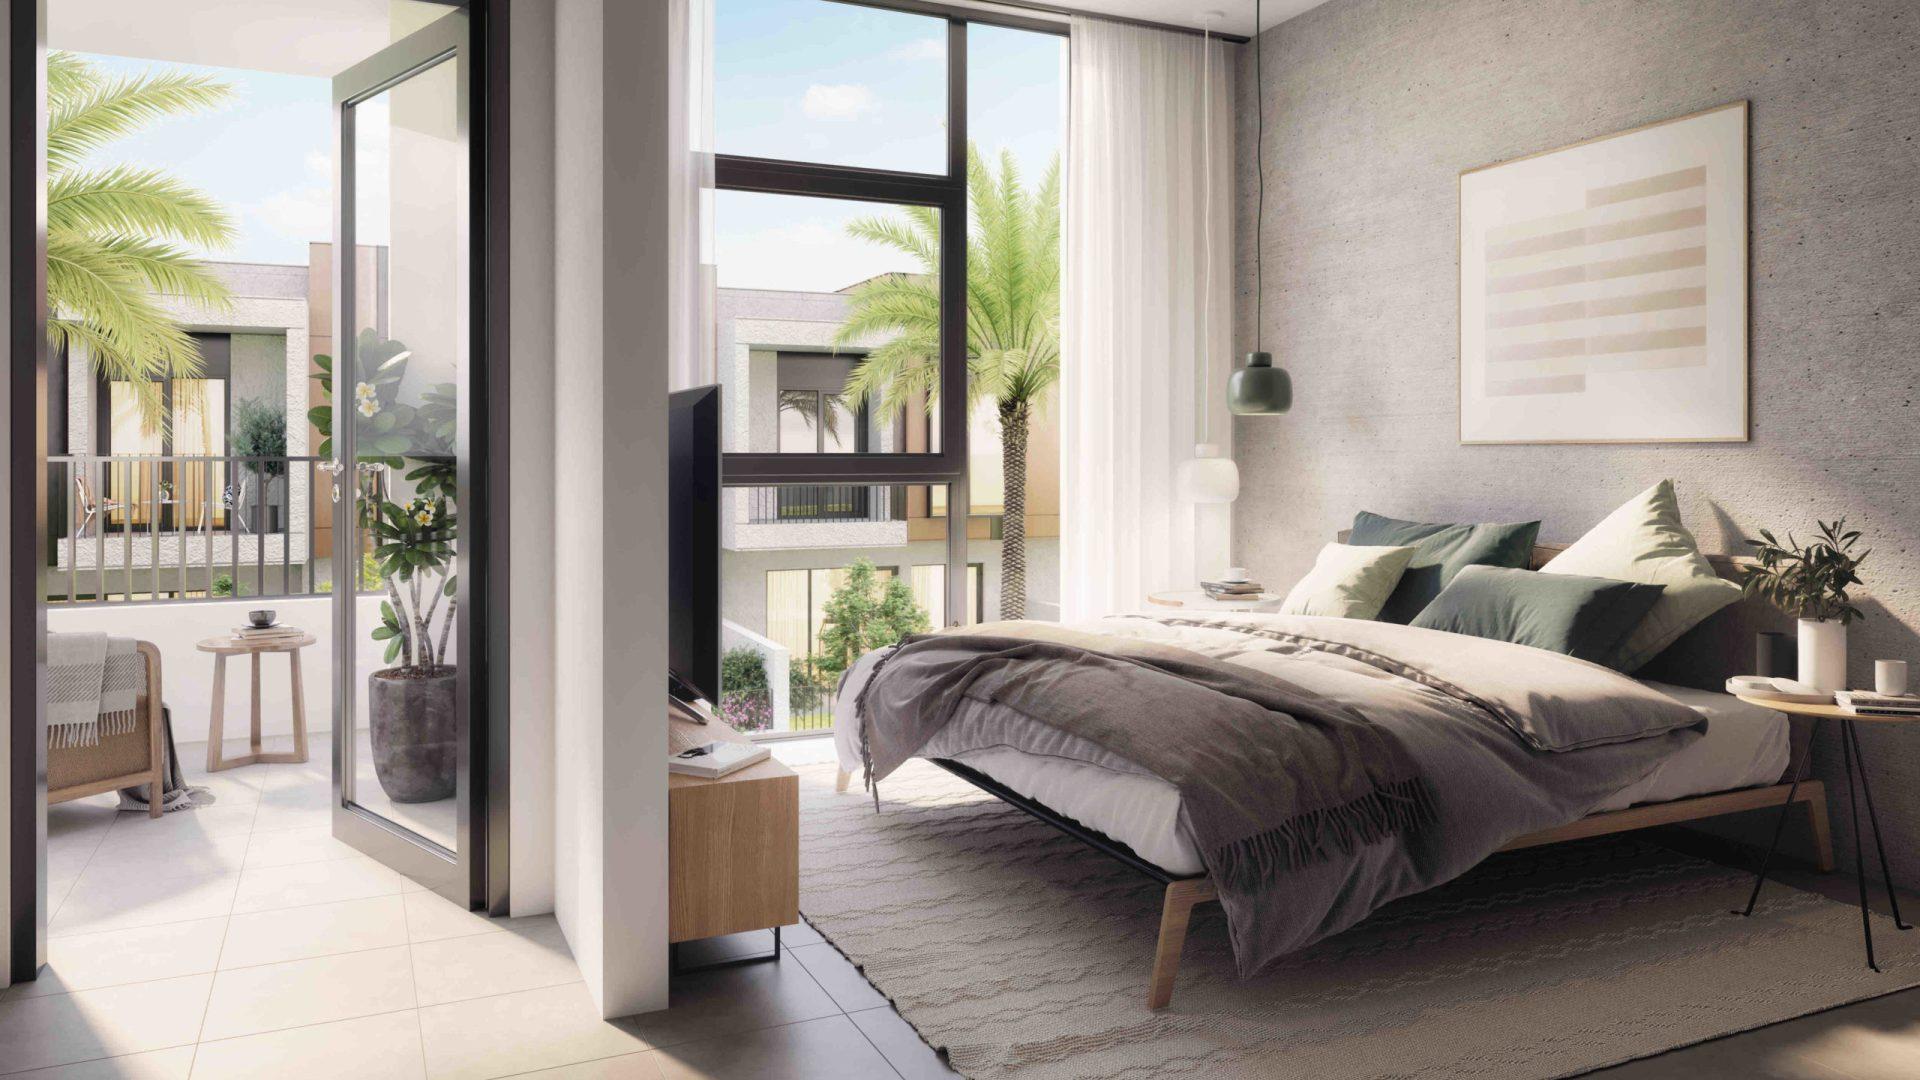 Villa for sale in Dubai, UAE, 3 bedrooms, 180 m2, No. 24246 – photo 6